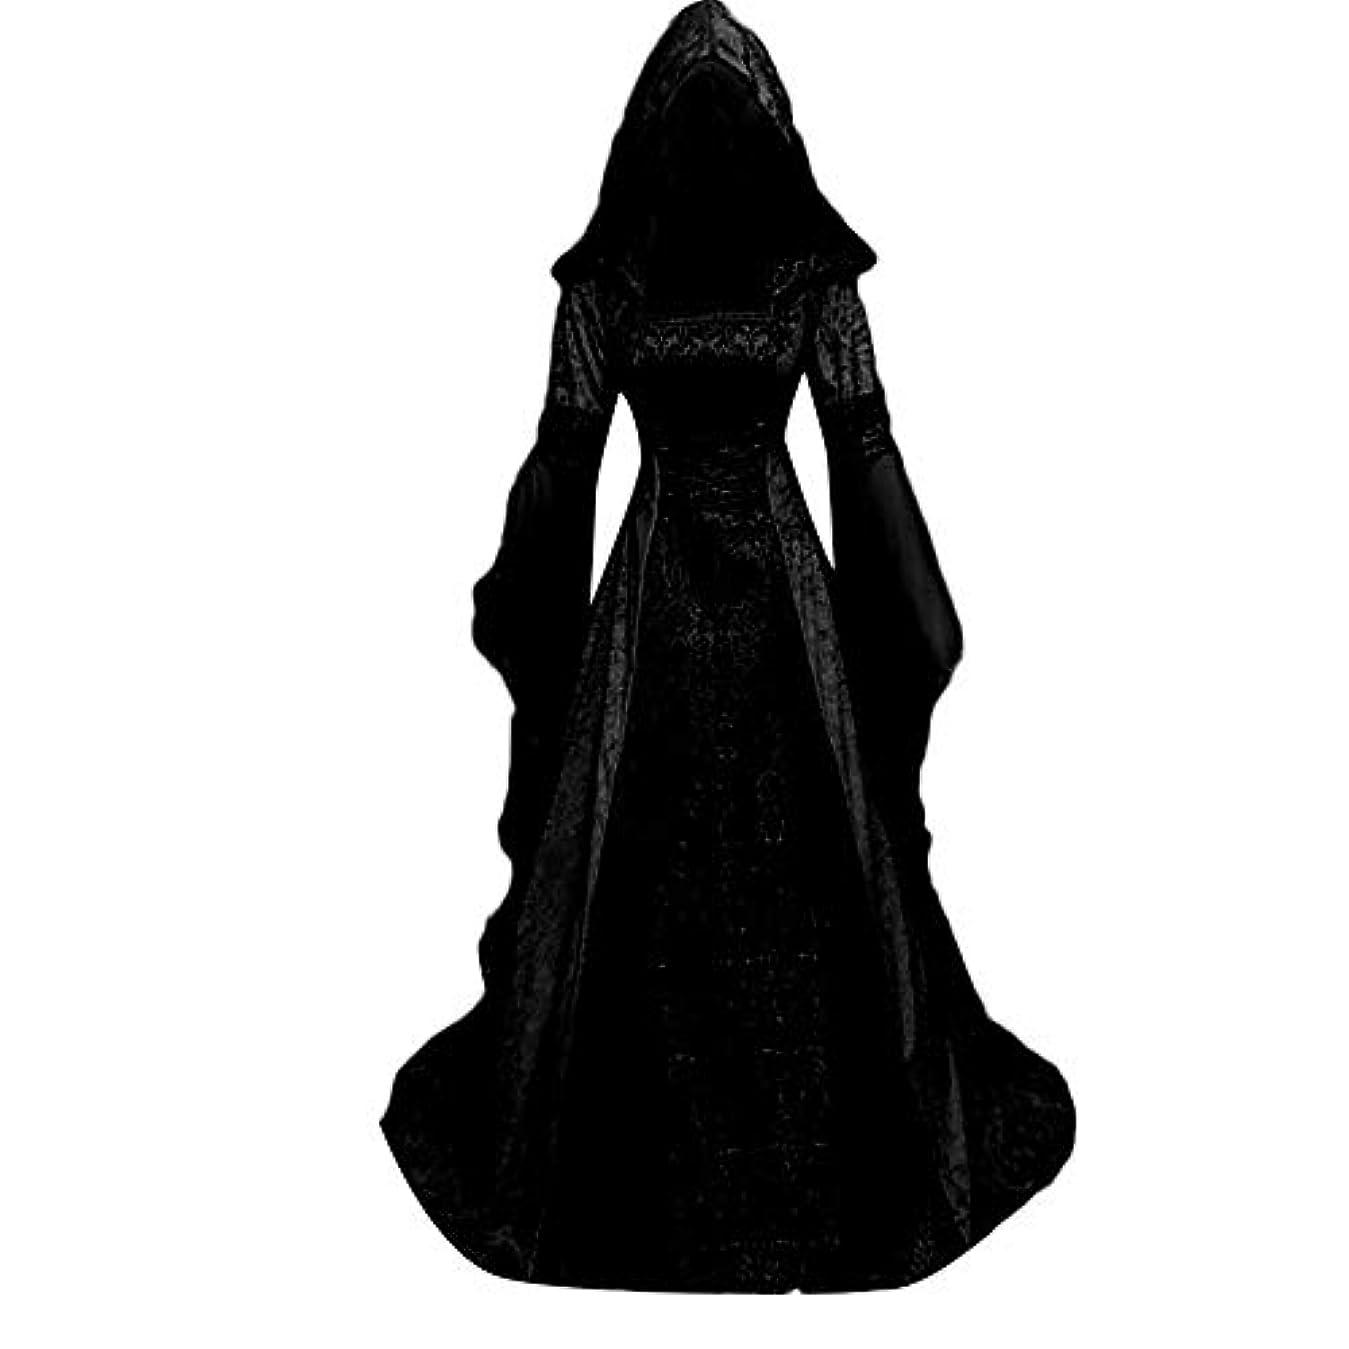 願うワンダー継続中ワンピース お姫様 貴族風 きれいめ エレガントドレス Huliyun ドレス ステージ衣装 レディース 洋服 ヨーロッパ風 結婚式 パーティードレス 余興 コスプレ 魔女 ウェディングドレス